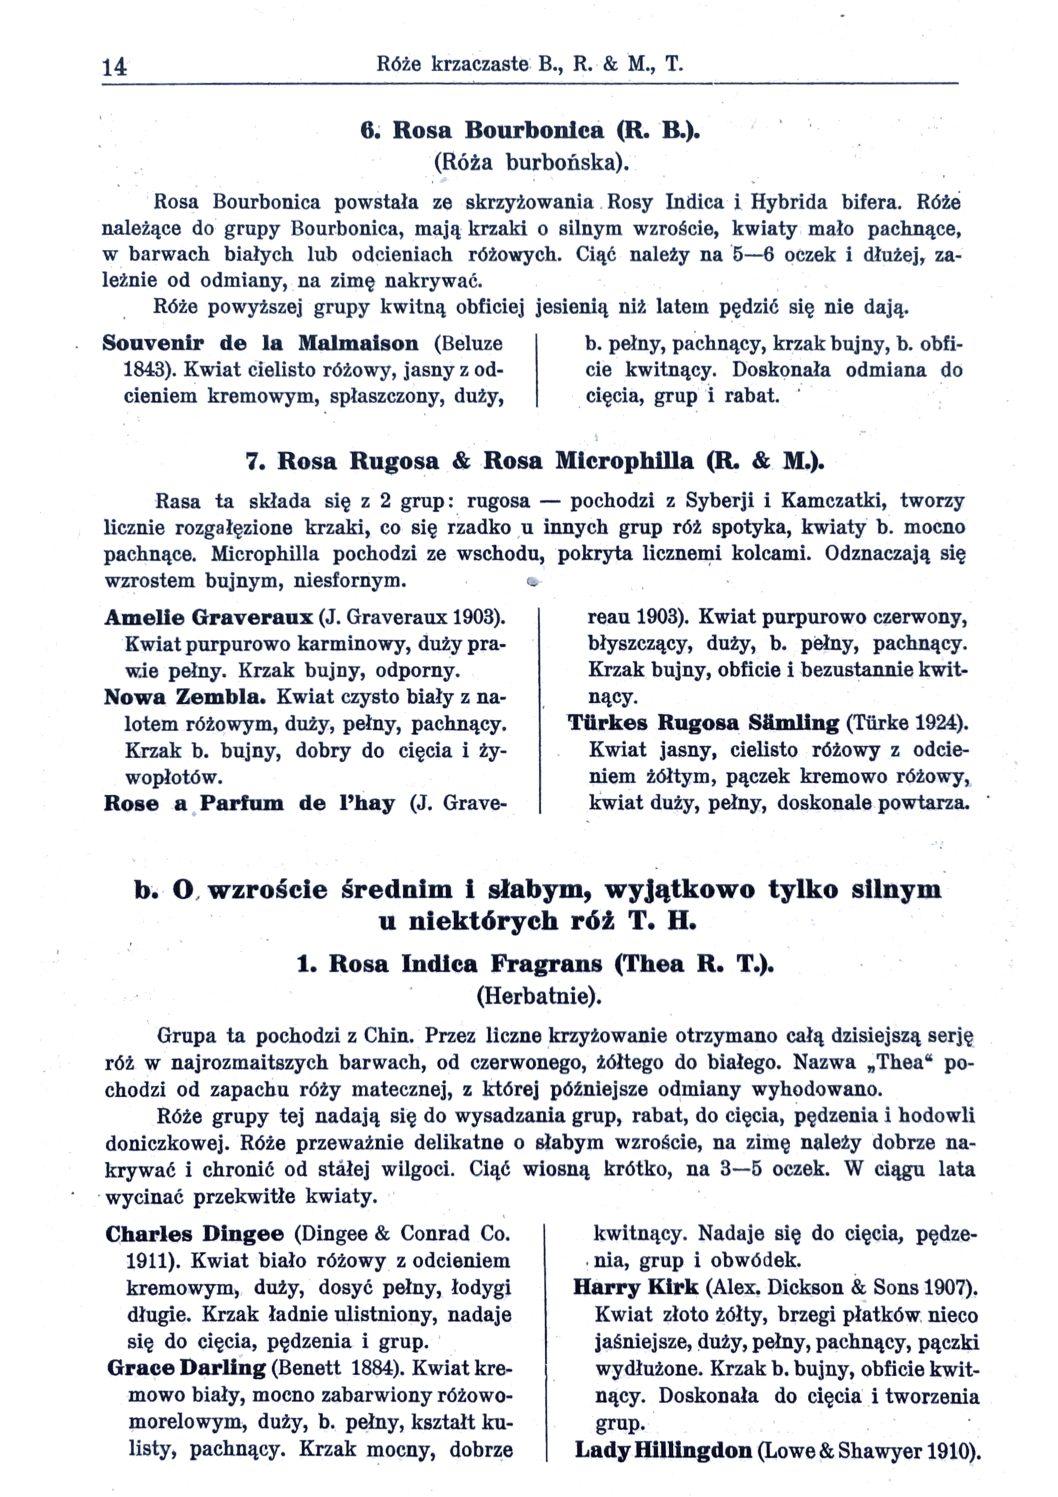 Cennik szkółek ogrodniczych Stanisława Dzieduszyckiego 14